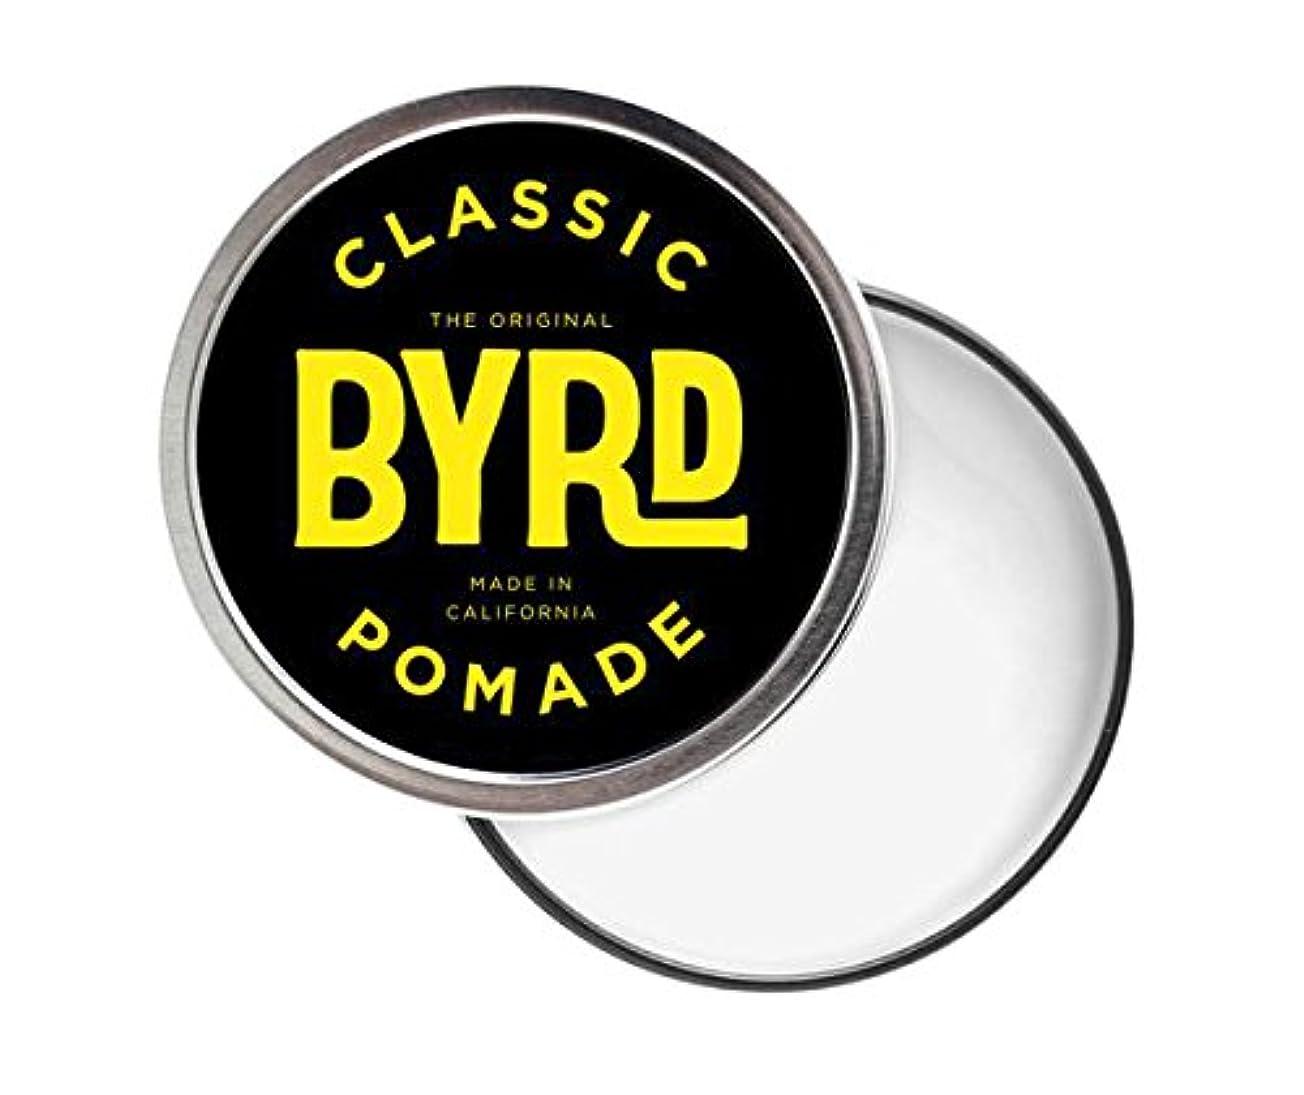 練習内側チューブBYRD(バード) クラシックポマード 42g